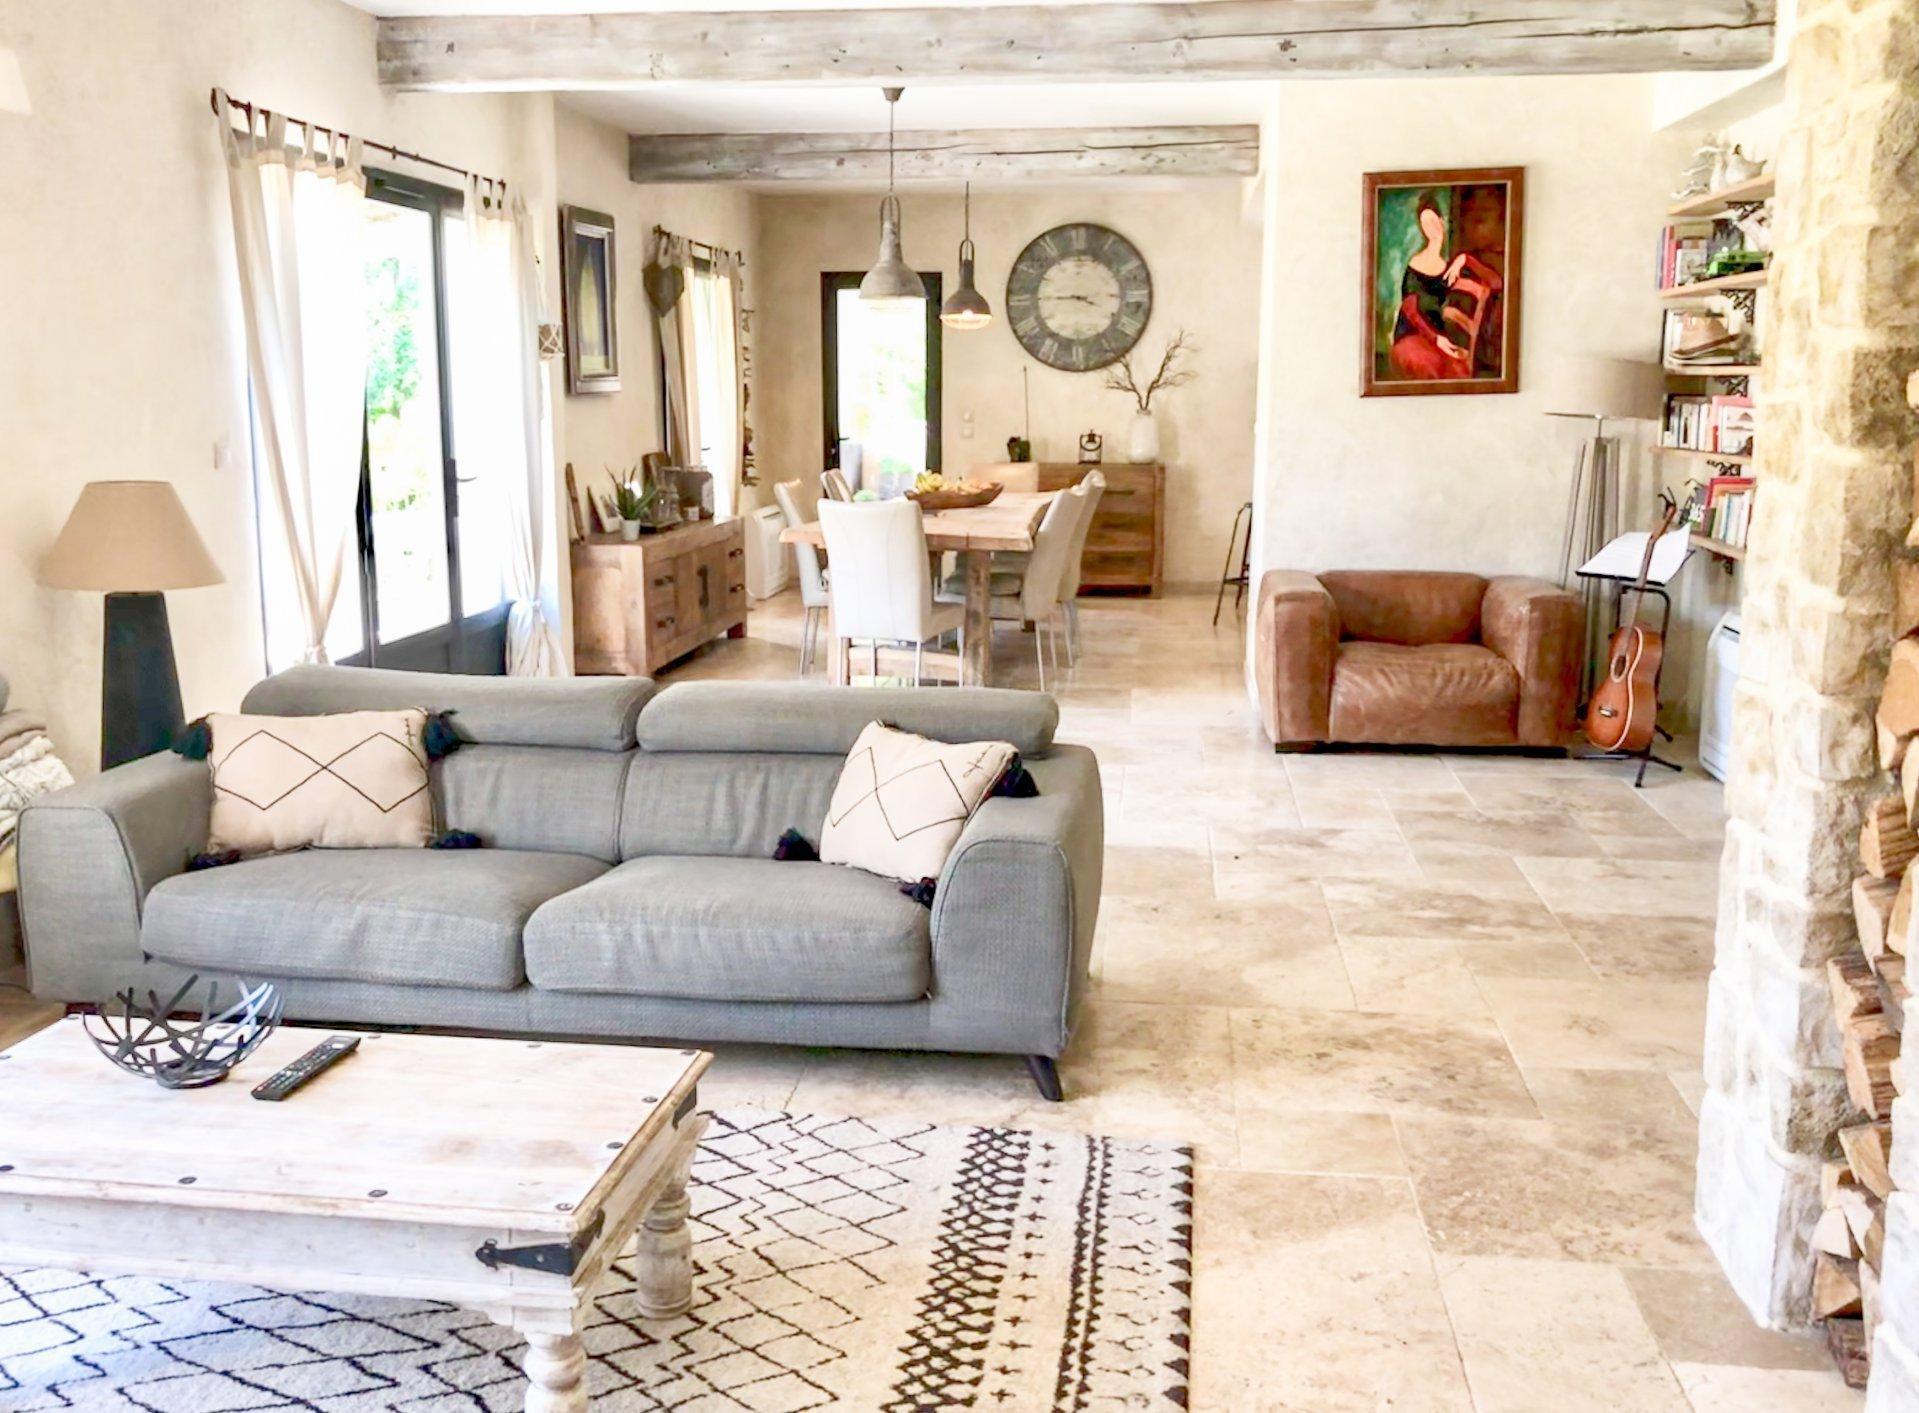 TROP TARD, C'EST VENDU ! Magnifique MAS  210 m2 - 5/6 chambres - 5100 m2 - Piscine 10x4m - poolhouse - garage - En bord de rivière